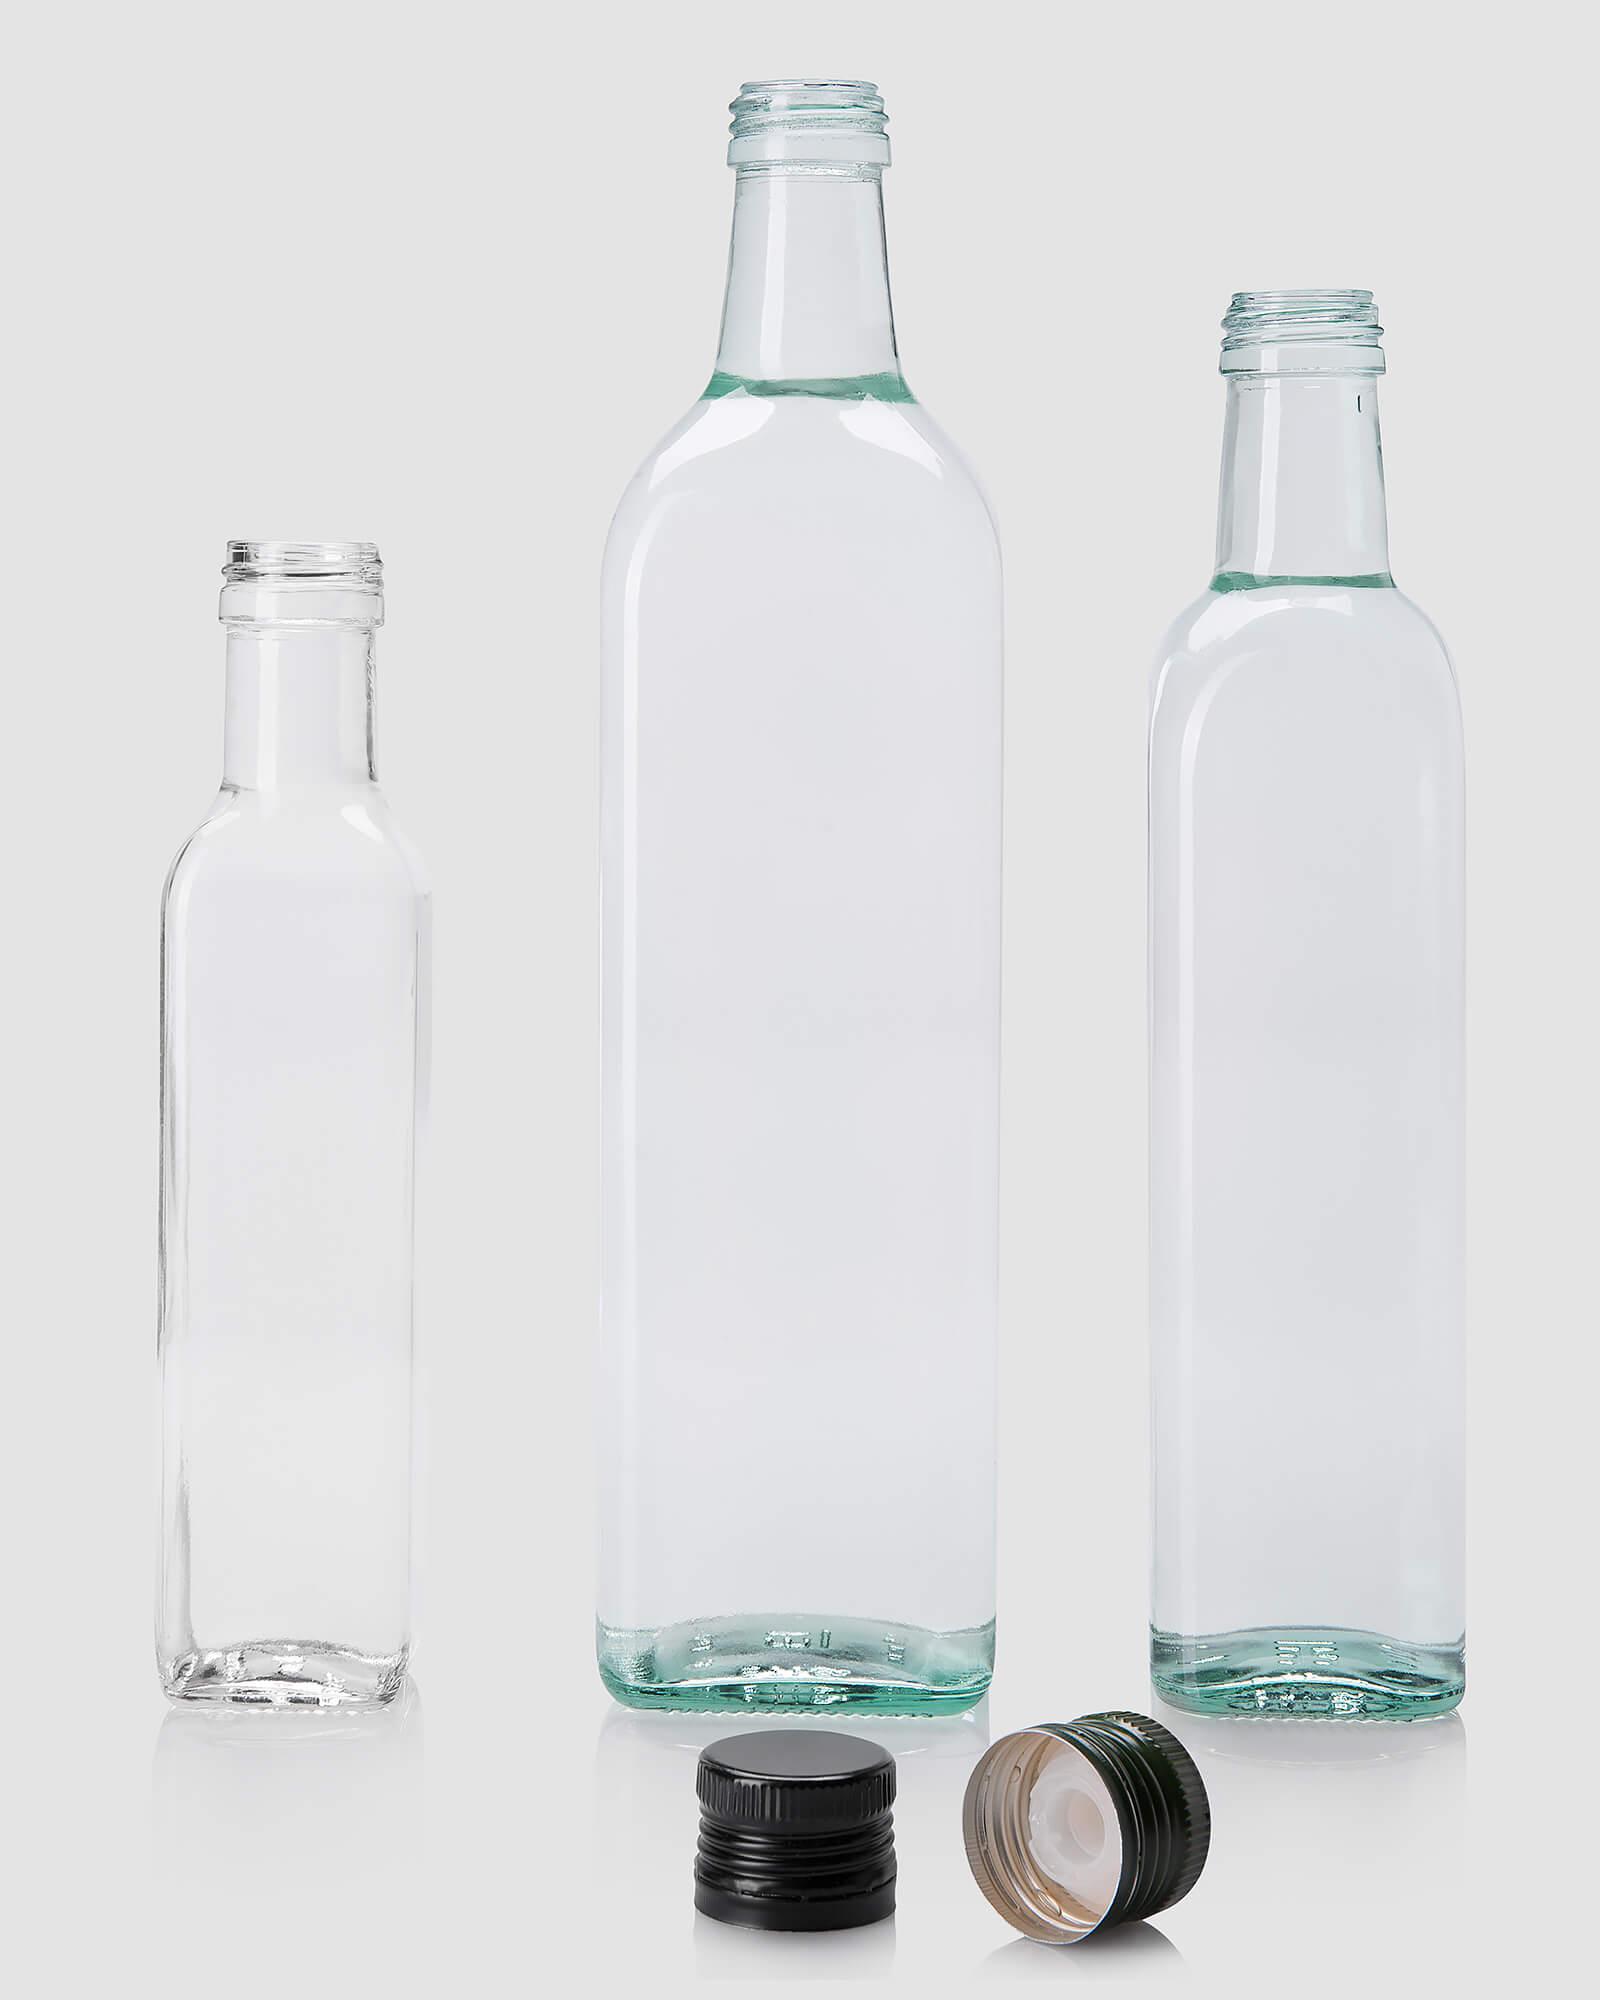 Фотосъемка стеклянных бутылок